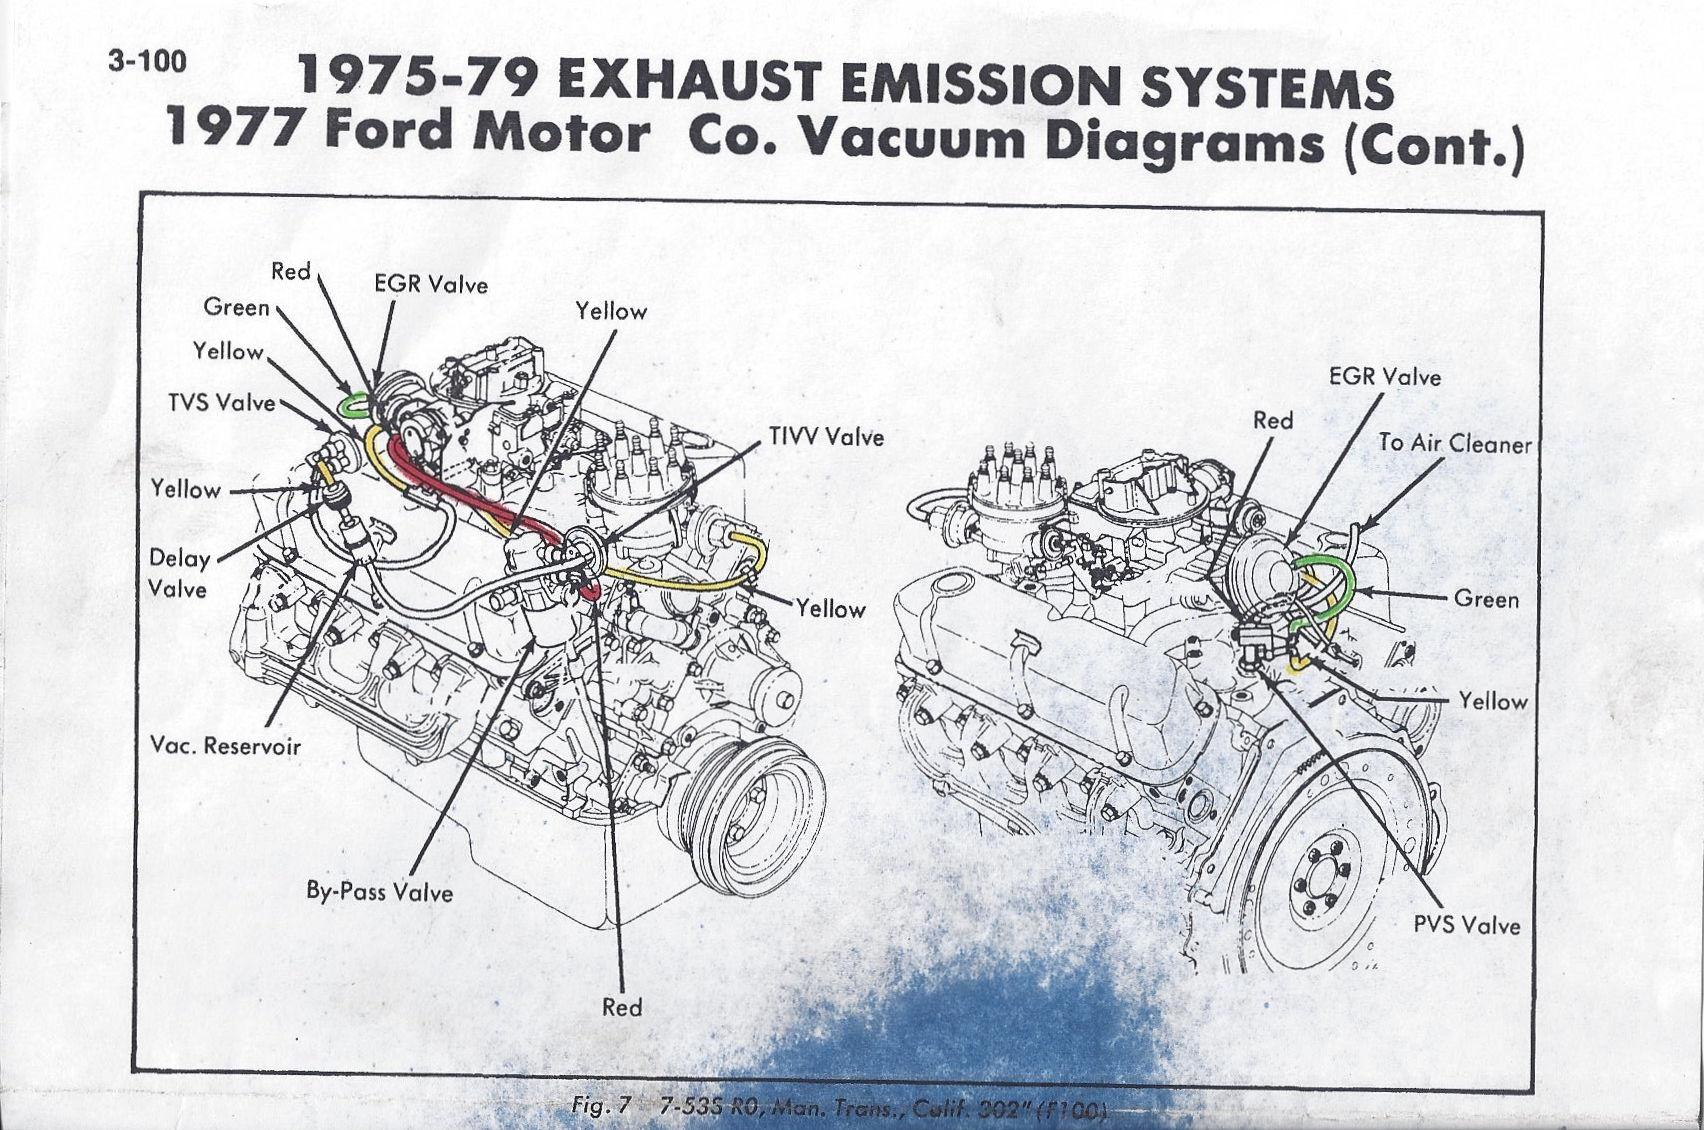 hight resolution of 1977 ford 2150 carburetor vacuum diagram autolite 2100 chevy 305 vacuum line diagram 1978 ford 351m vacuum diagram